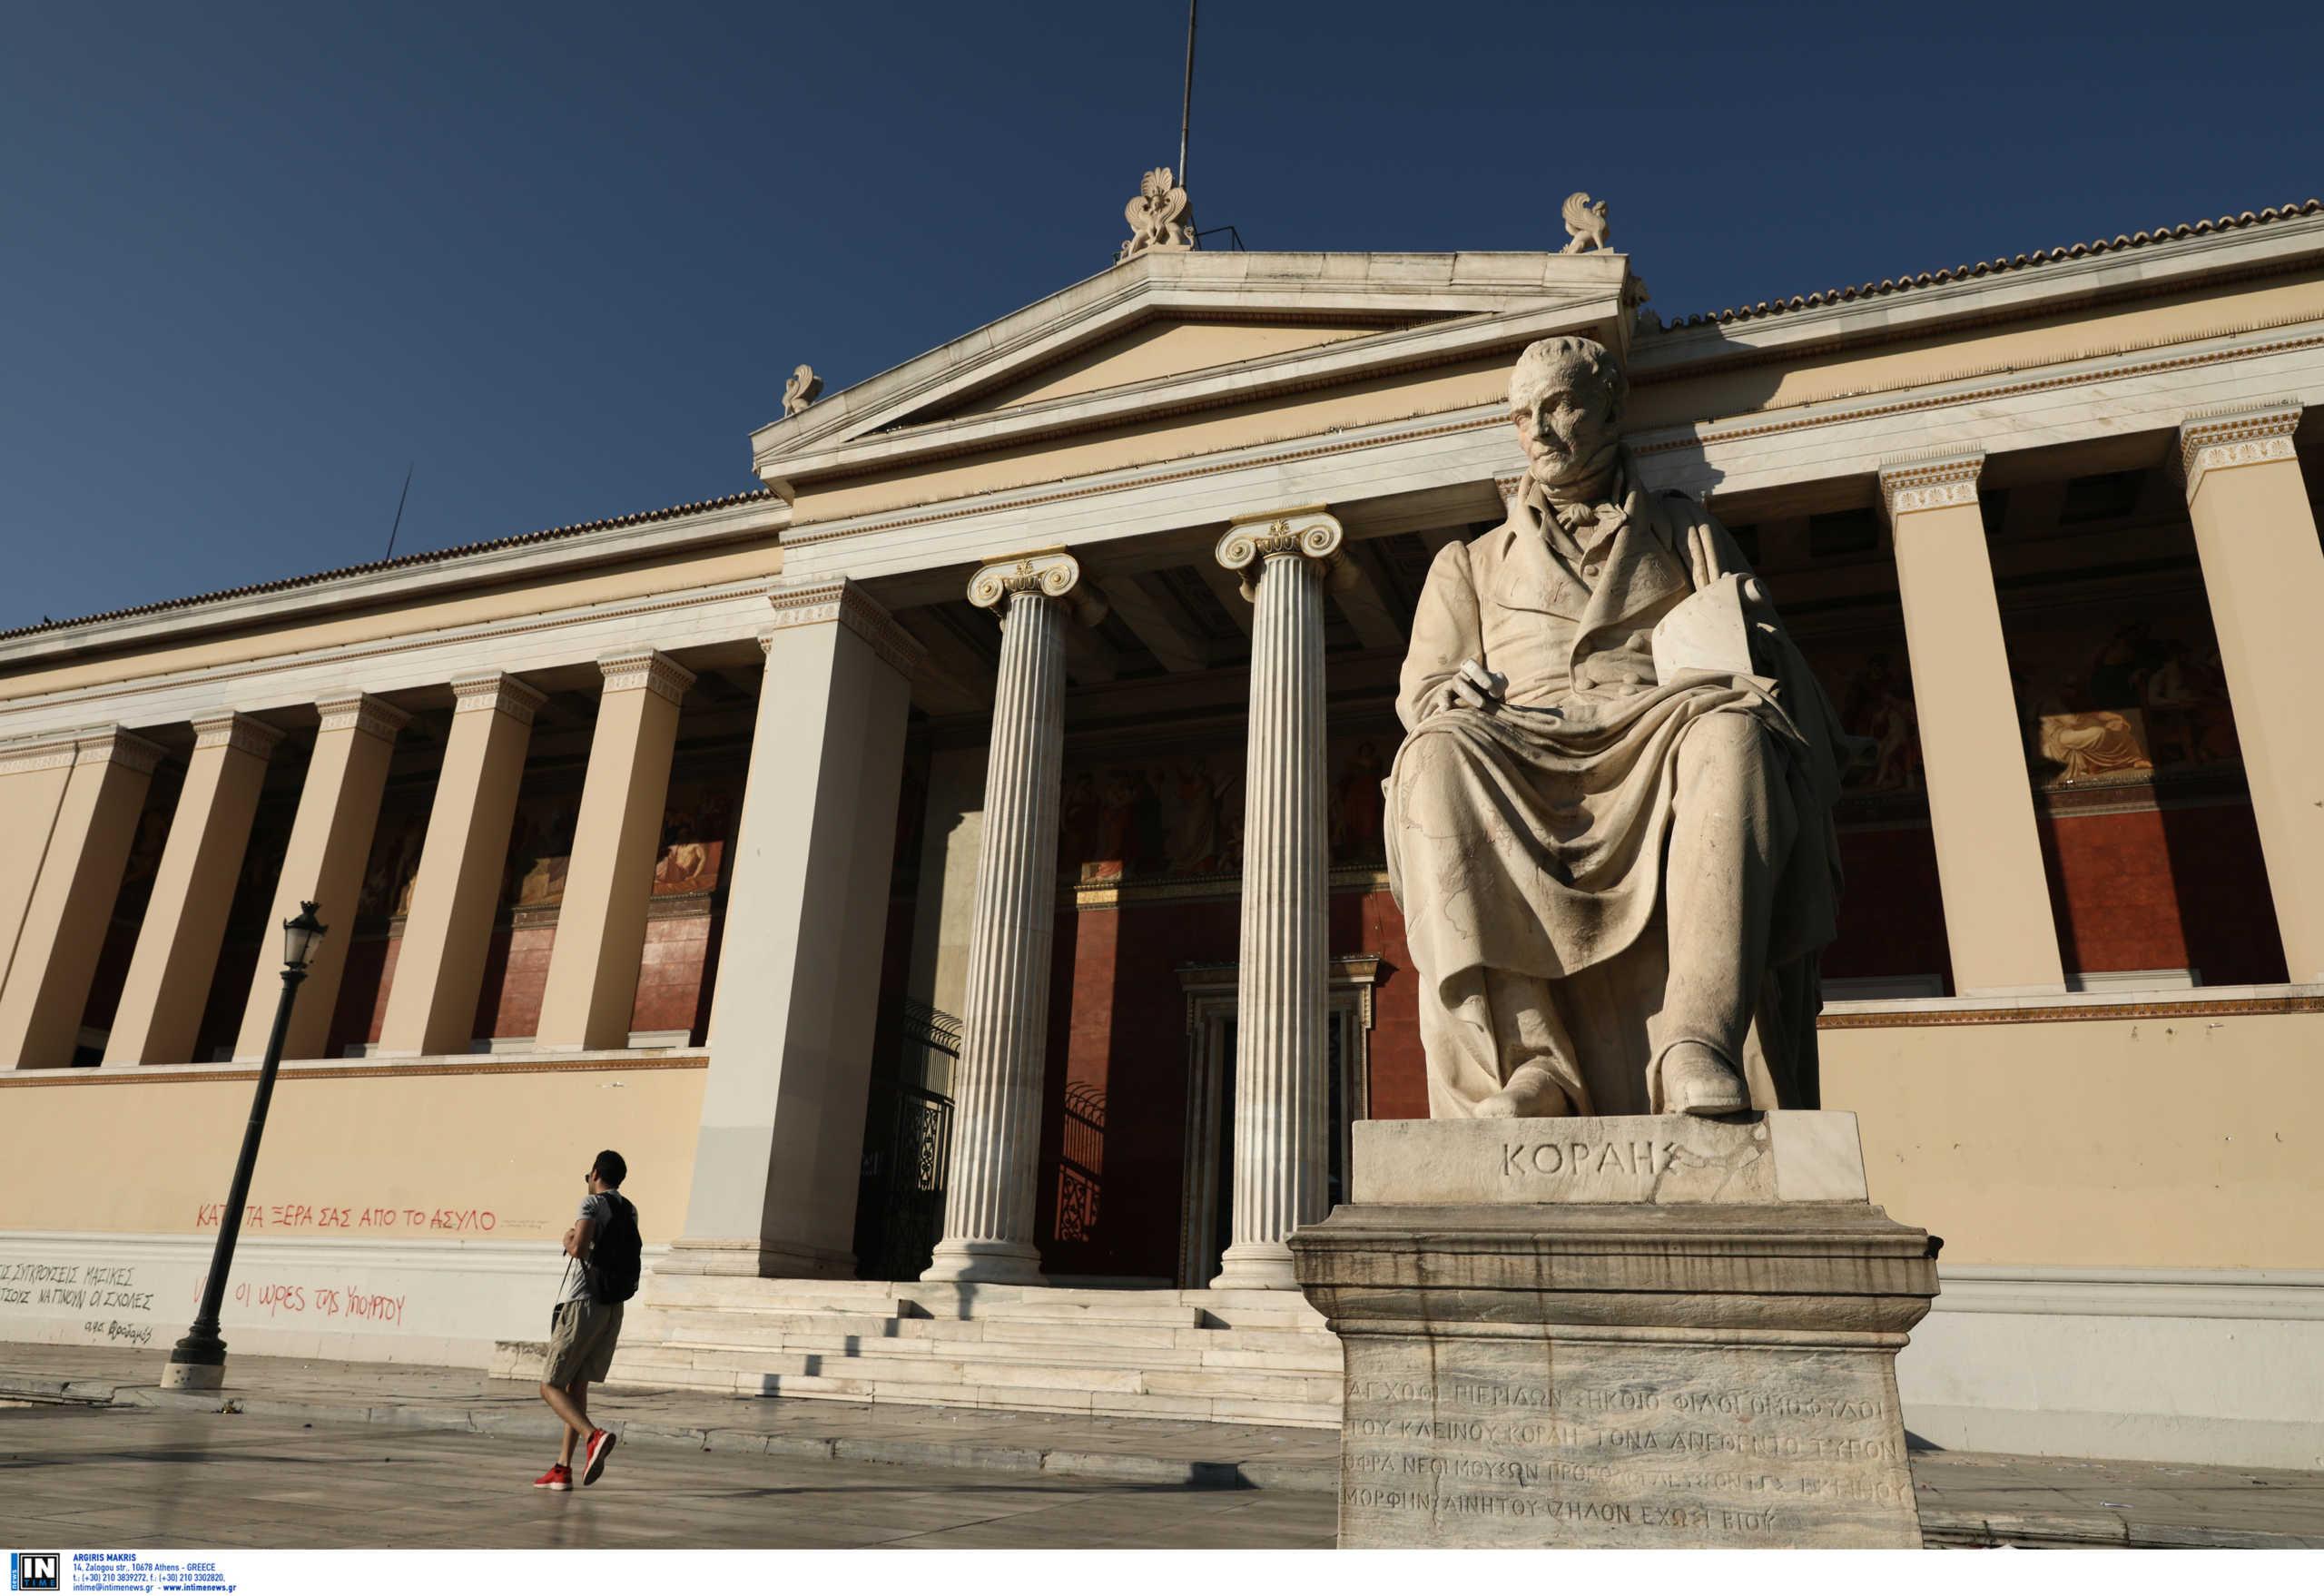 Σπουδαία πρωτιά ΕΚΠΑ: Το πρώτο ελληνικό πανεπιστήμιο στα 200 καλύτερα του κόσμου